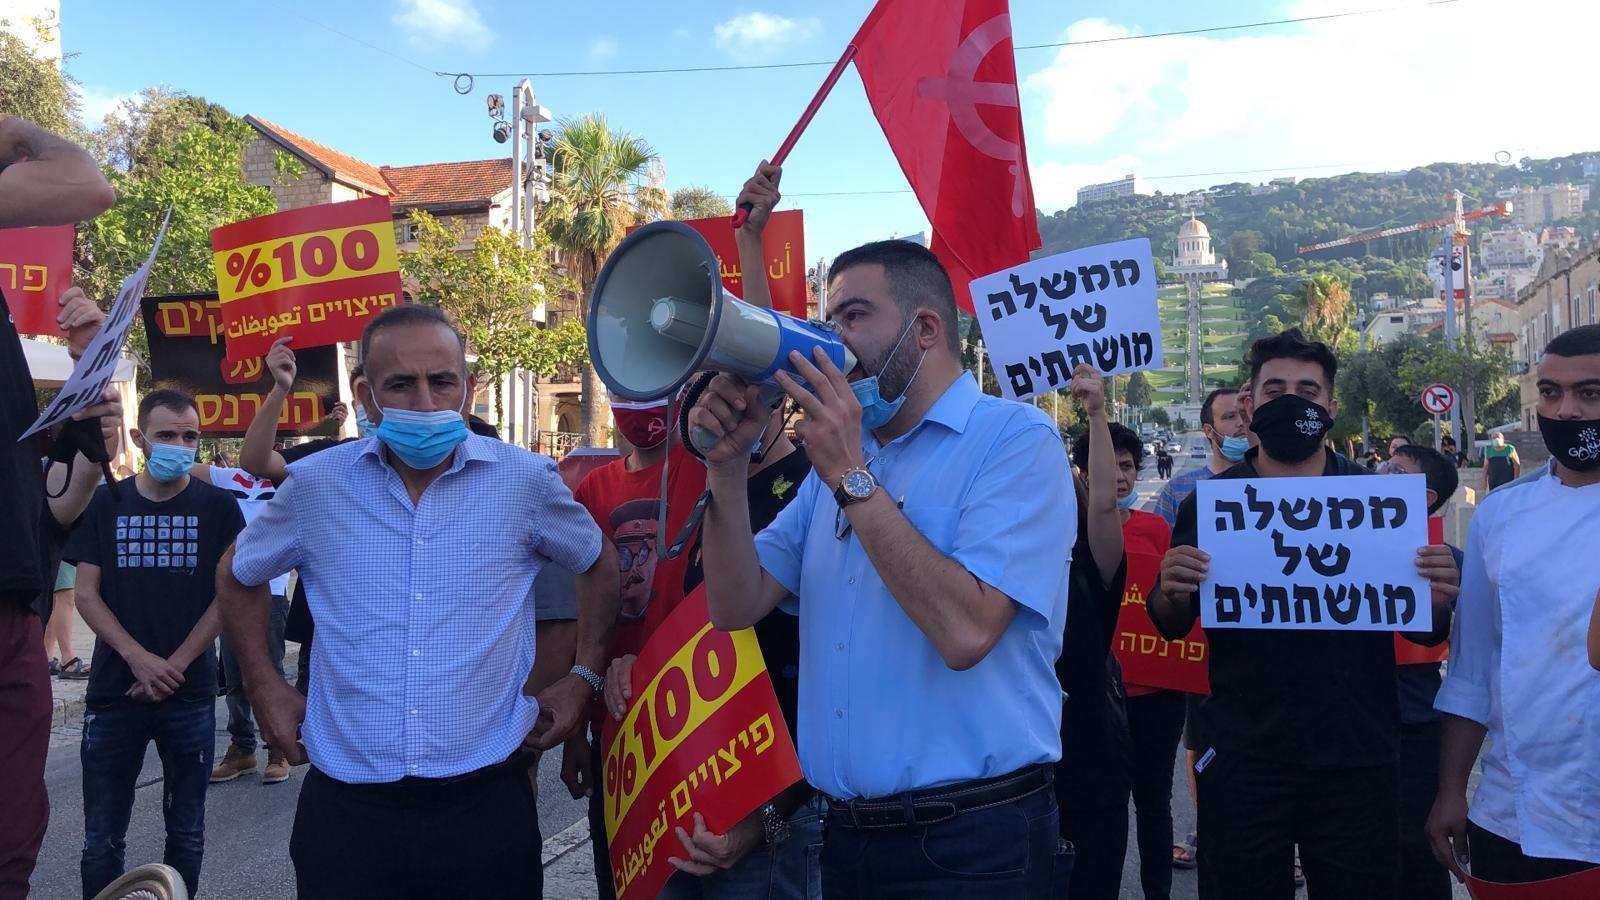 مباشر: اصحاب المطاعم يتظاهرون في حيفا